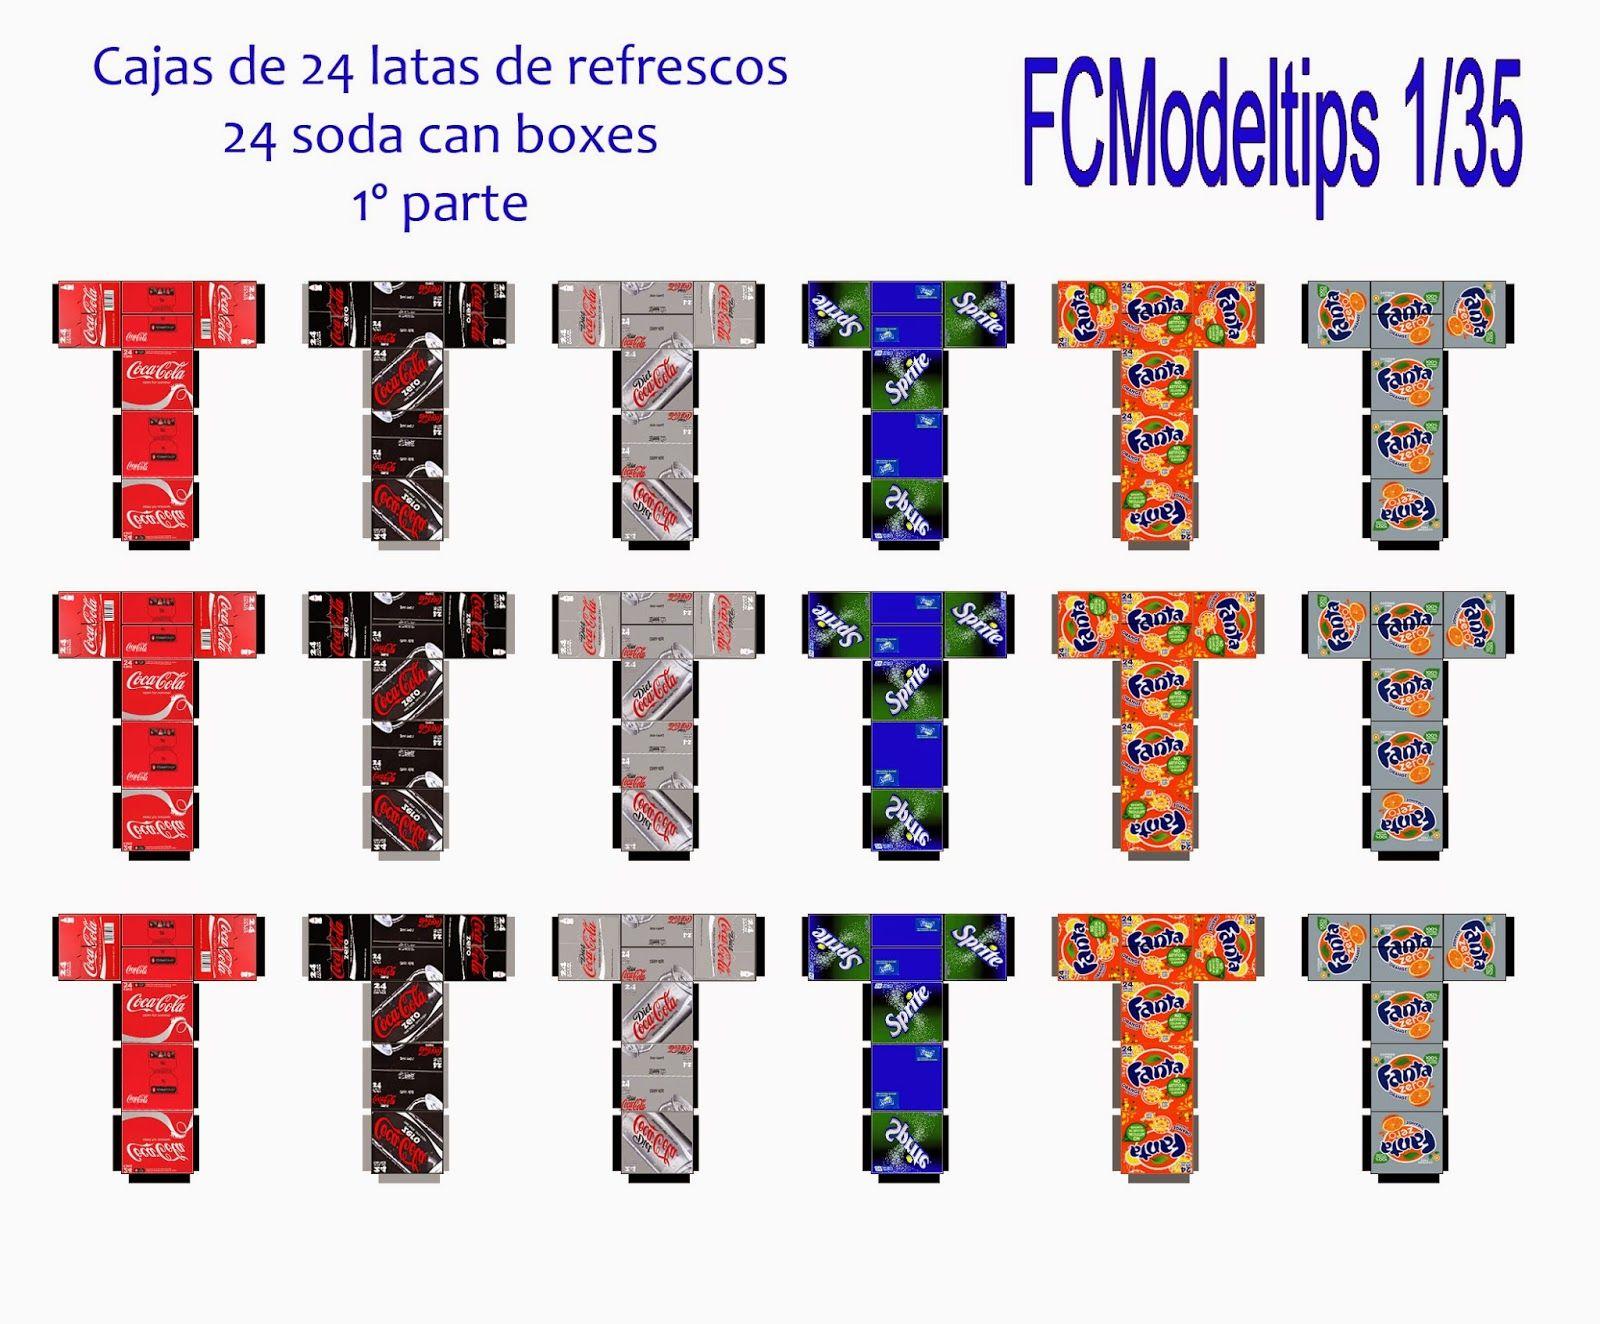 FCModeltips . Federico Collada: Cajas de 24 botes de refrescos 1 / 24 soda can boxes 1